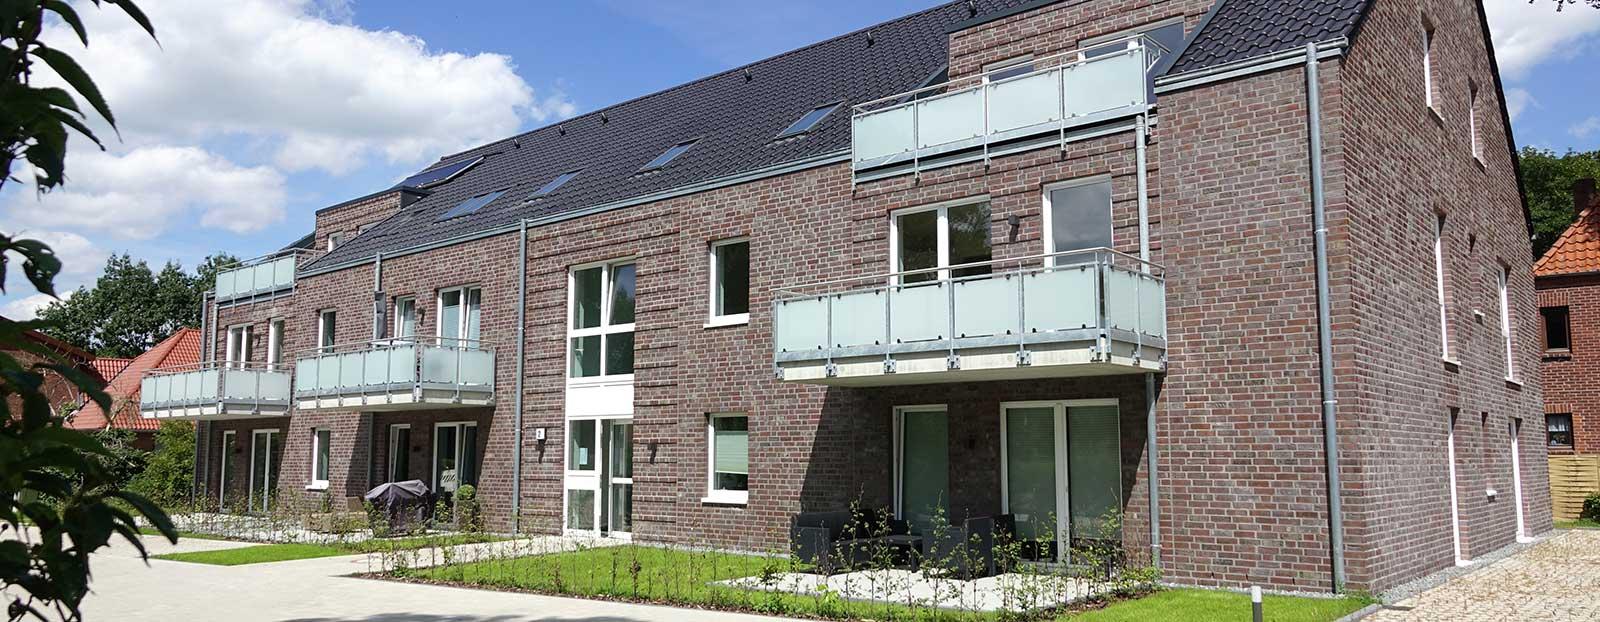 Haus-1-Wohnen-am-Schloss-Agathenburg